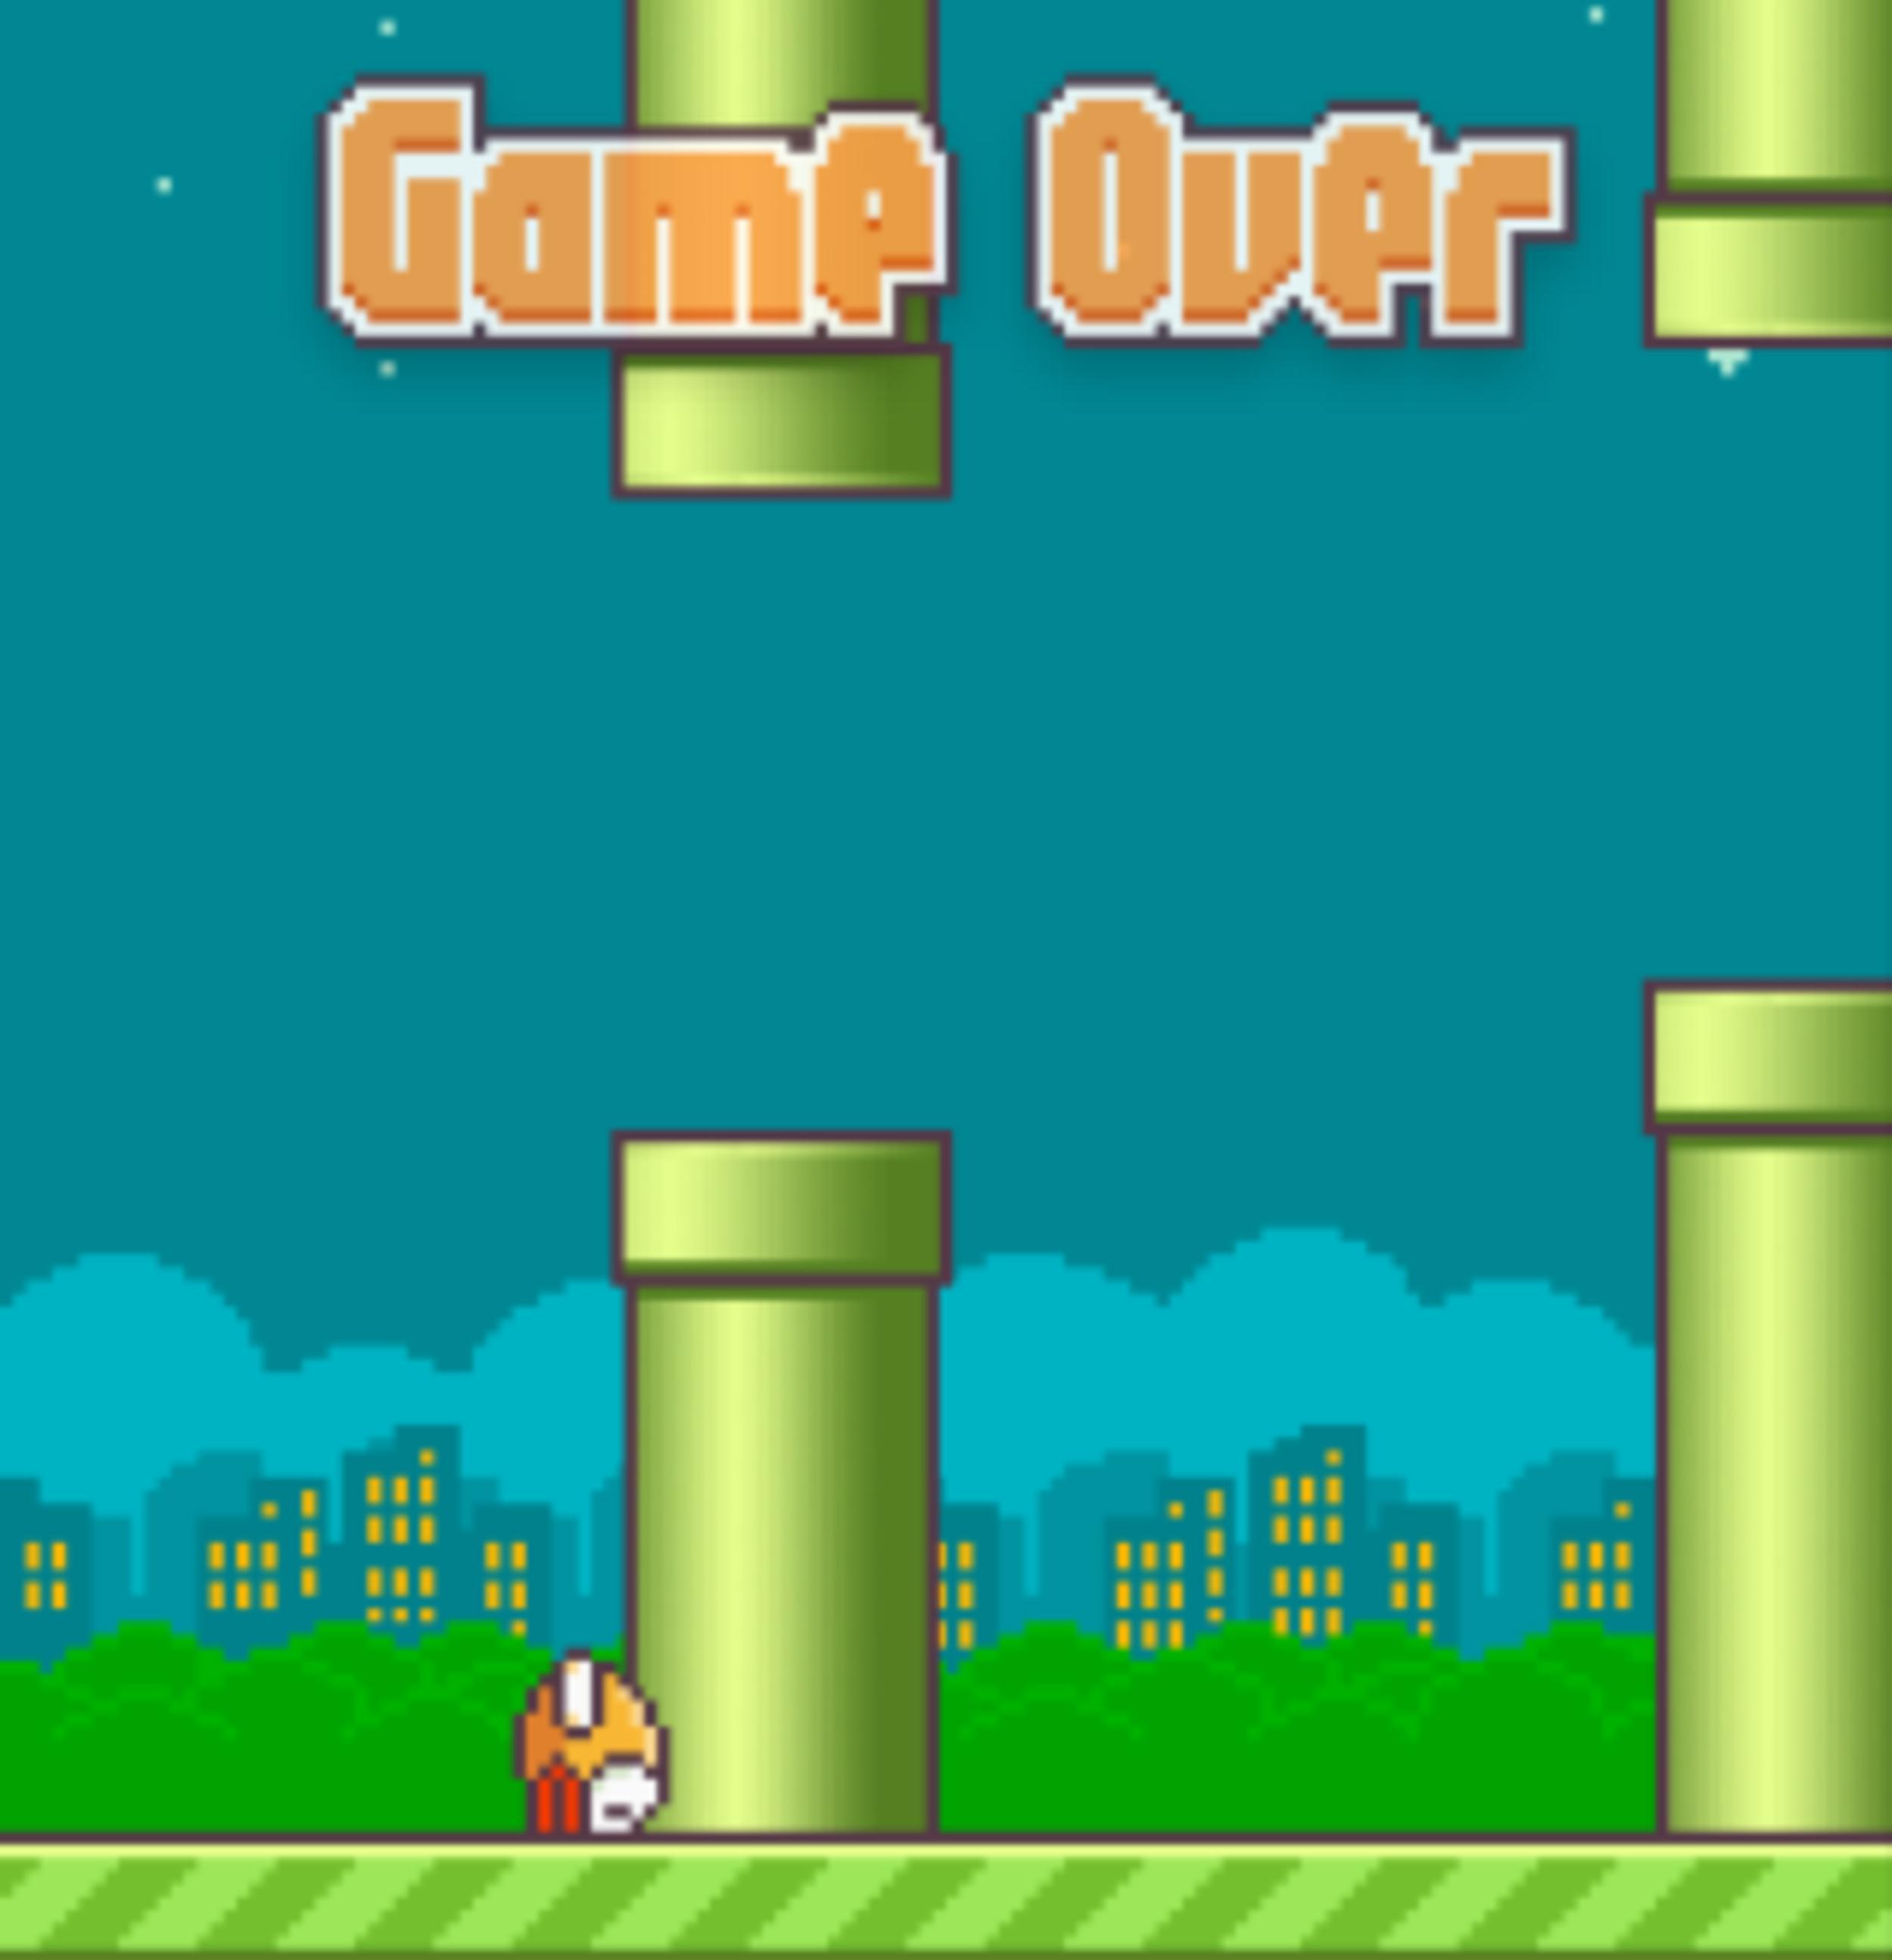 Flappy Birds: May 2013 – February 2014